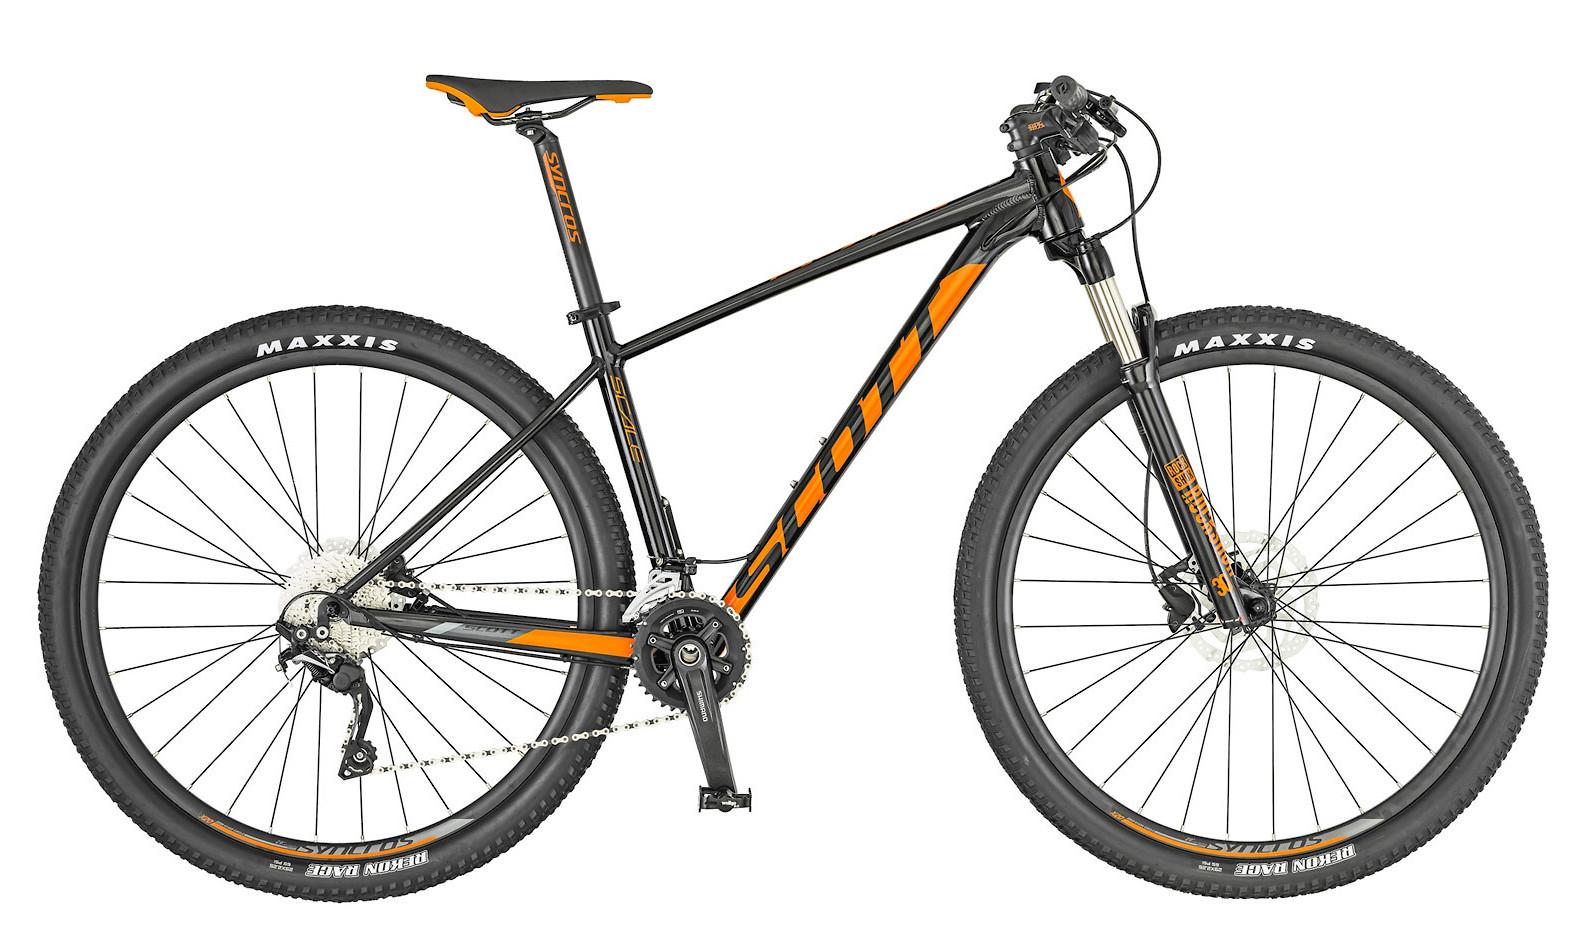 52ac900172c 2019 Scott Scale 970 Bike - Reviews, Comparisons, Specs - Mountain Bikes -  Vital MTB